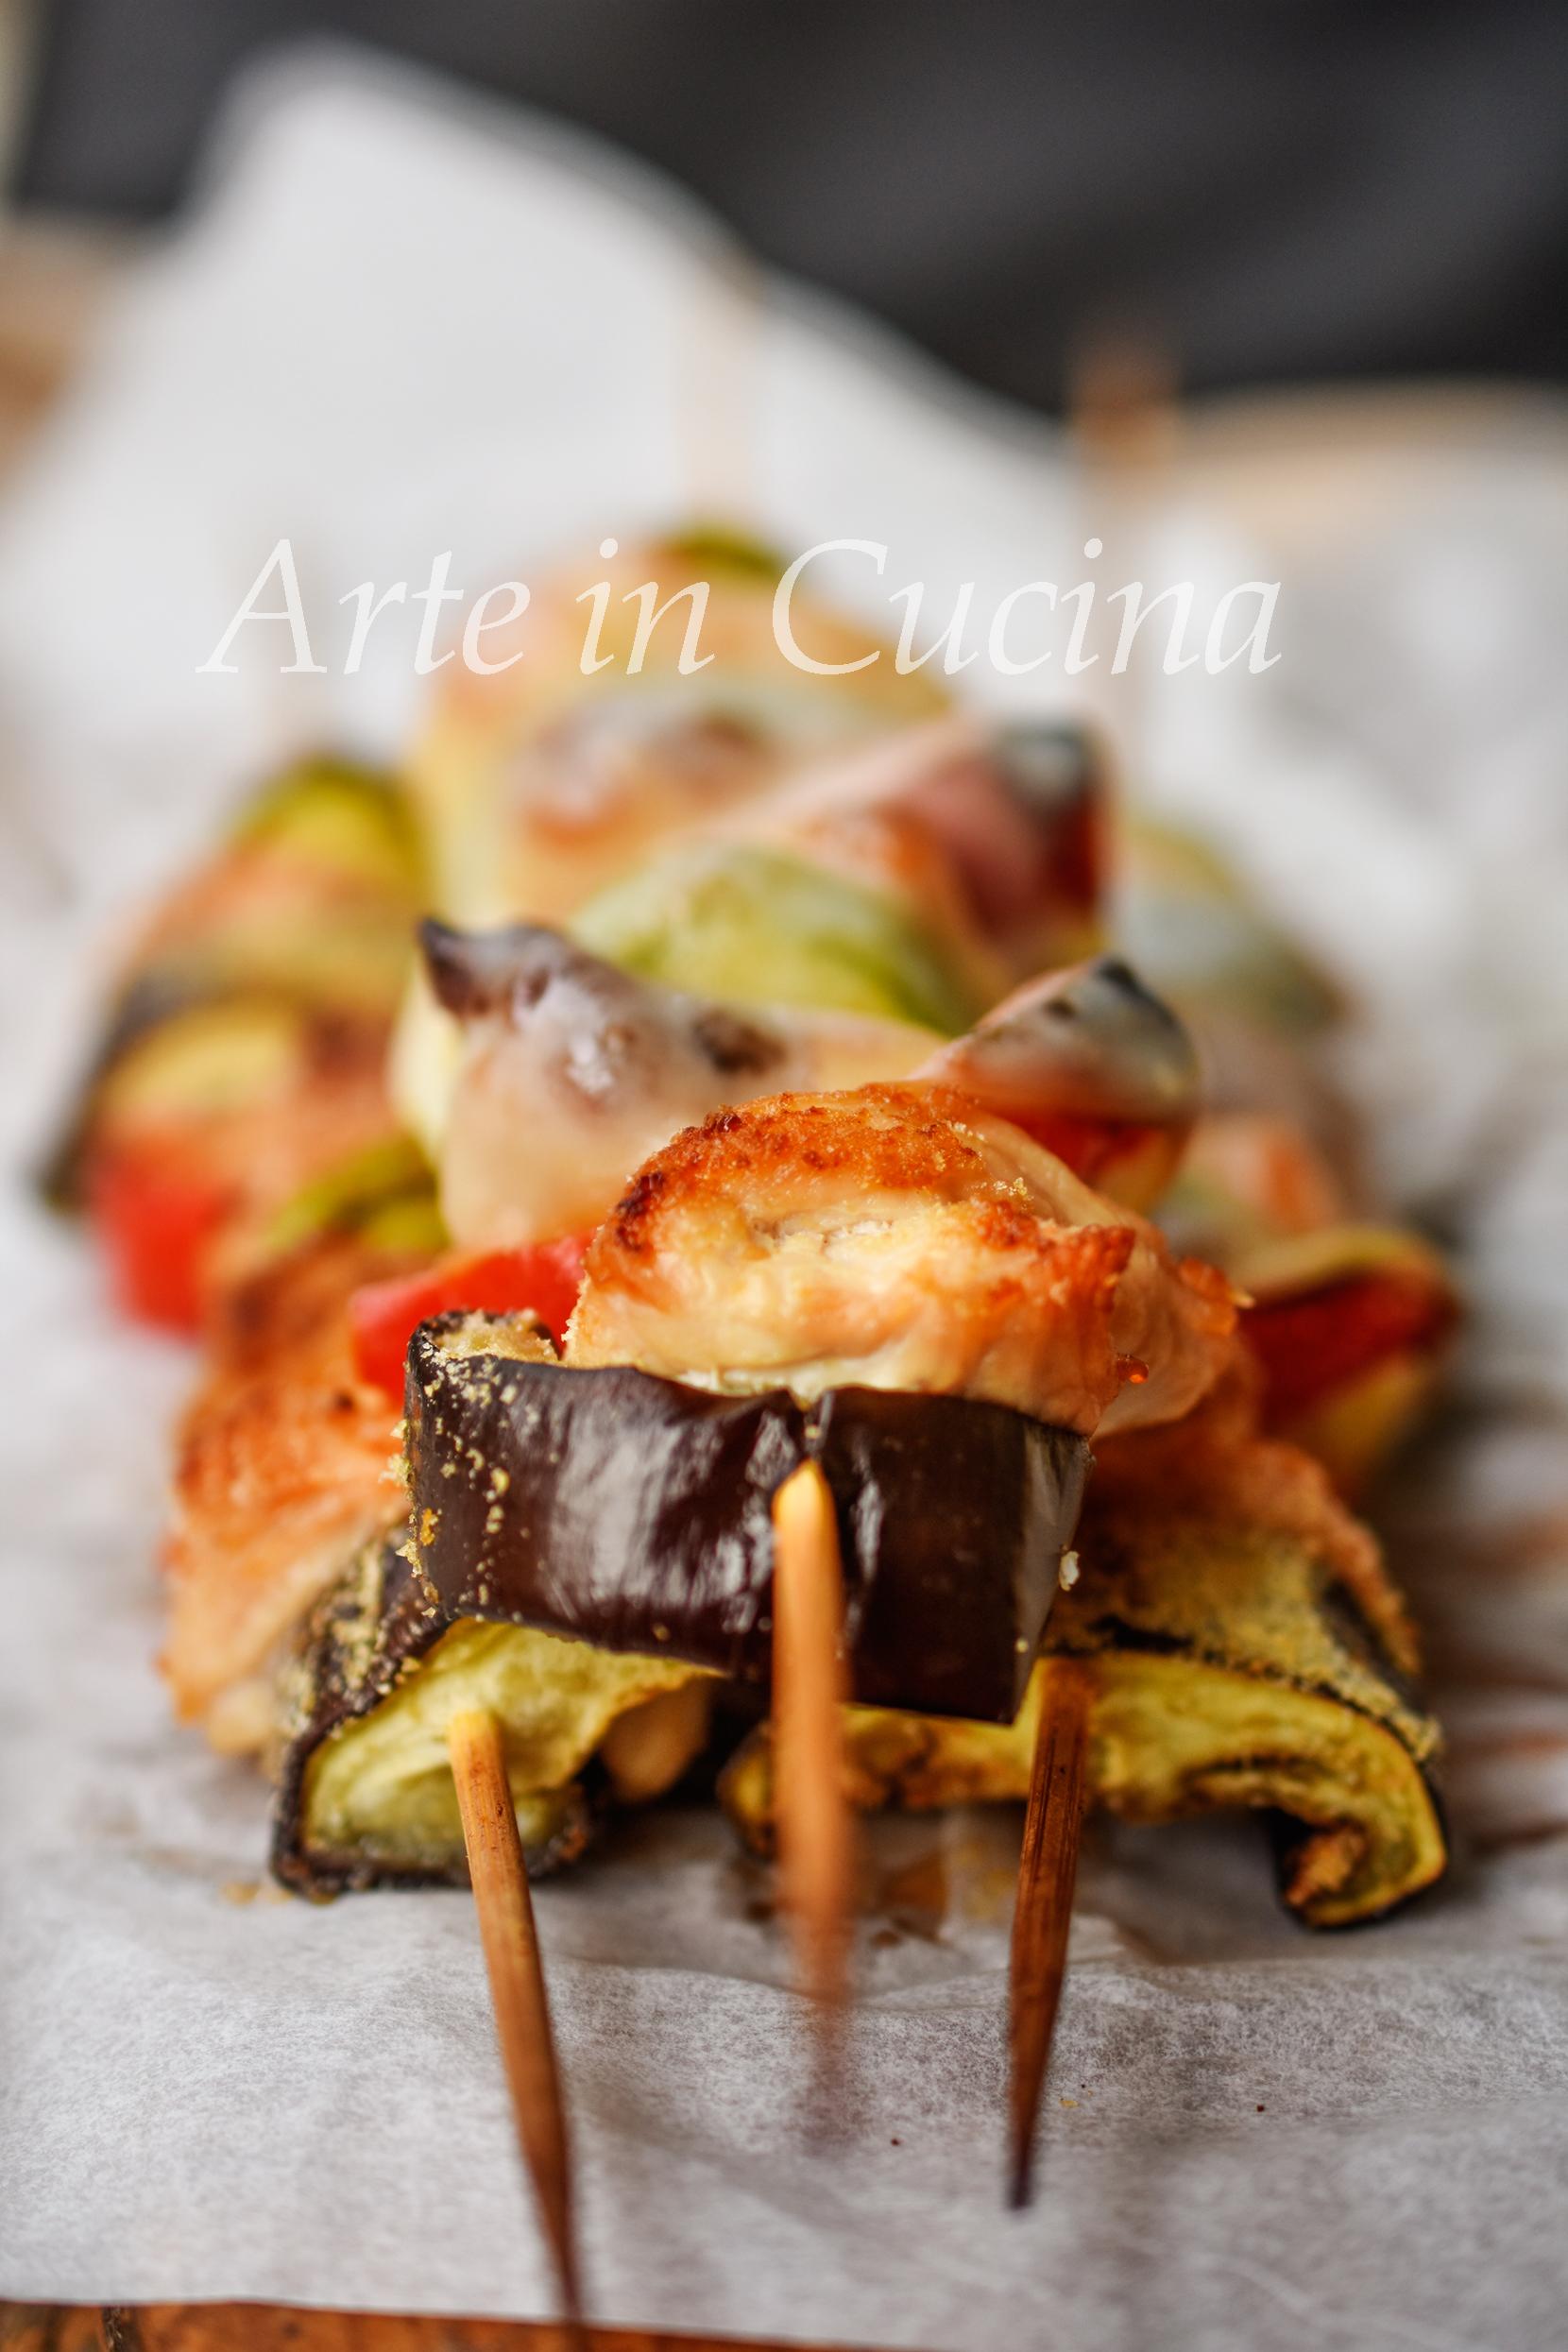 Spiedini di tacchino e formaggio filante ricetta sfiziosa per cena vickyart arte in cucina